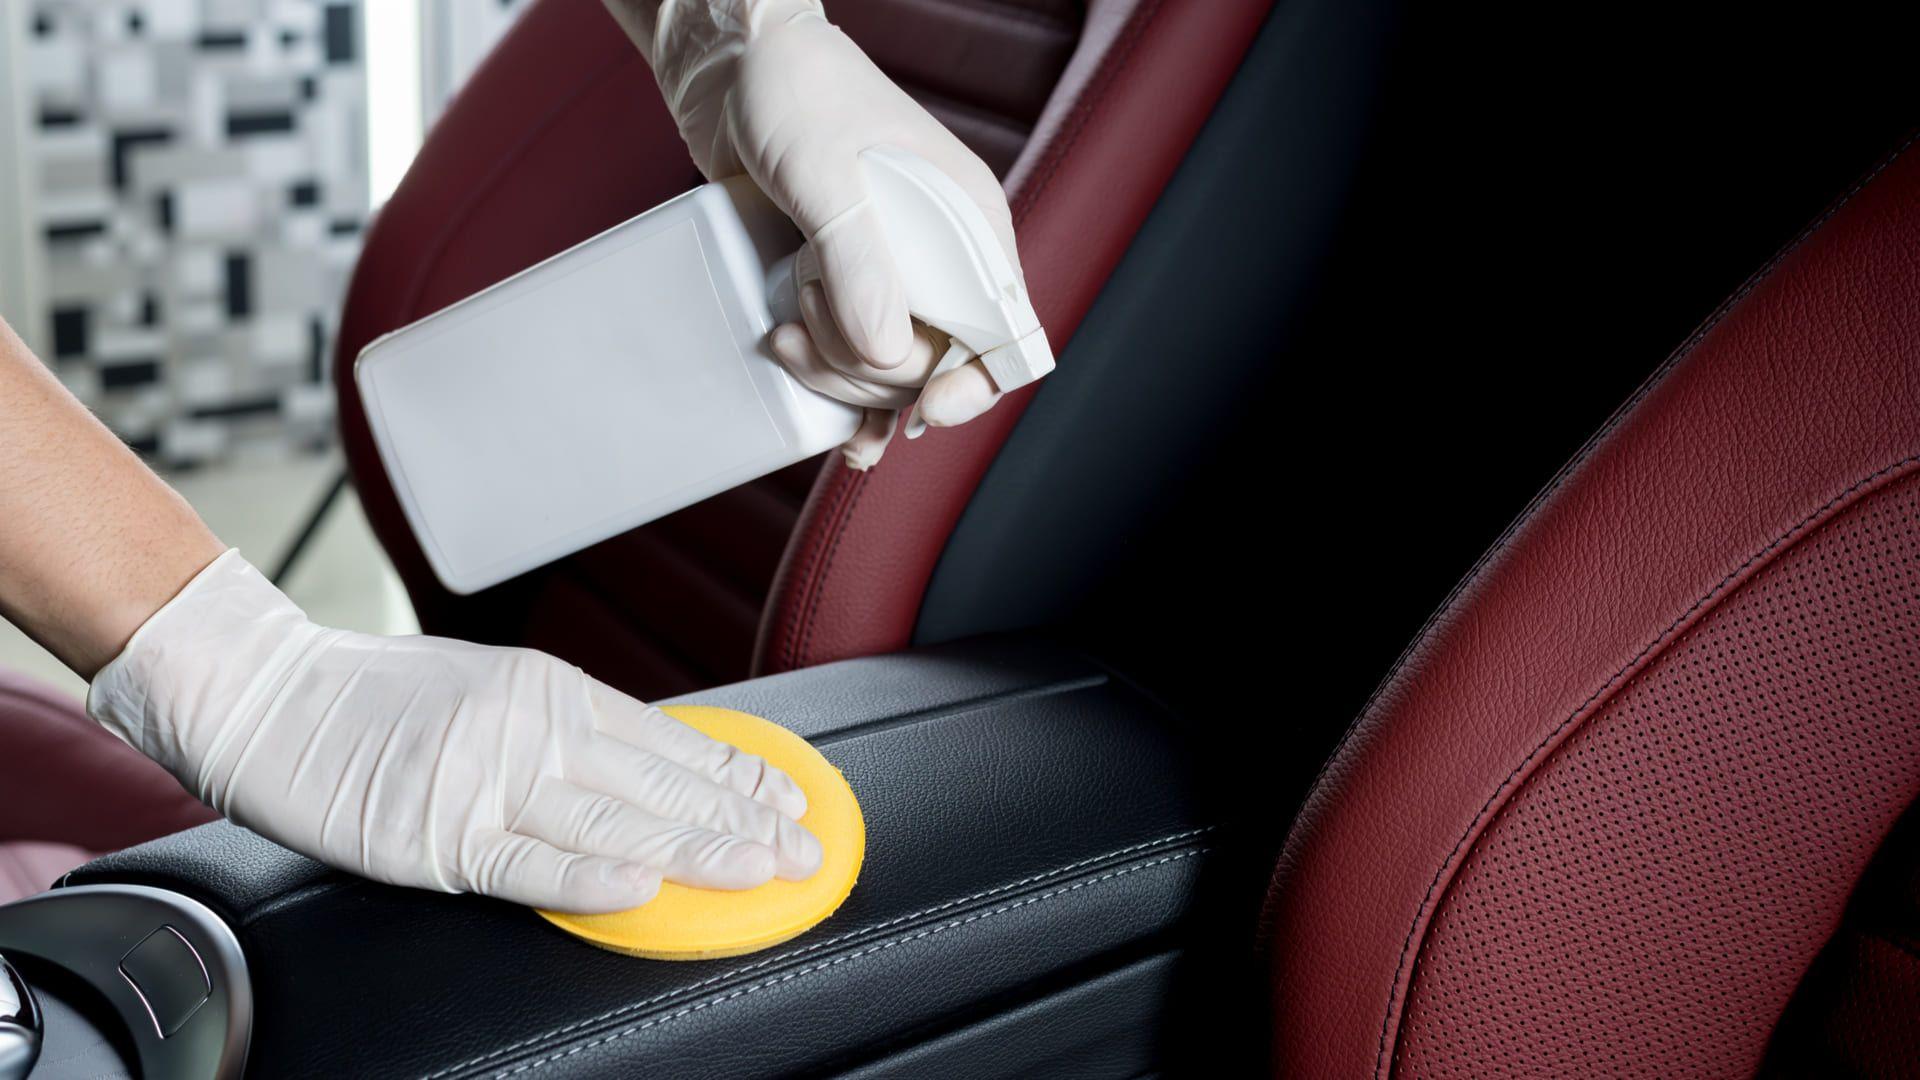 Veja quais os truques para limpar o banco do carro de couro. (Imagem: Reprodução/Shutterstock)